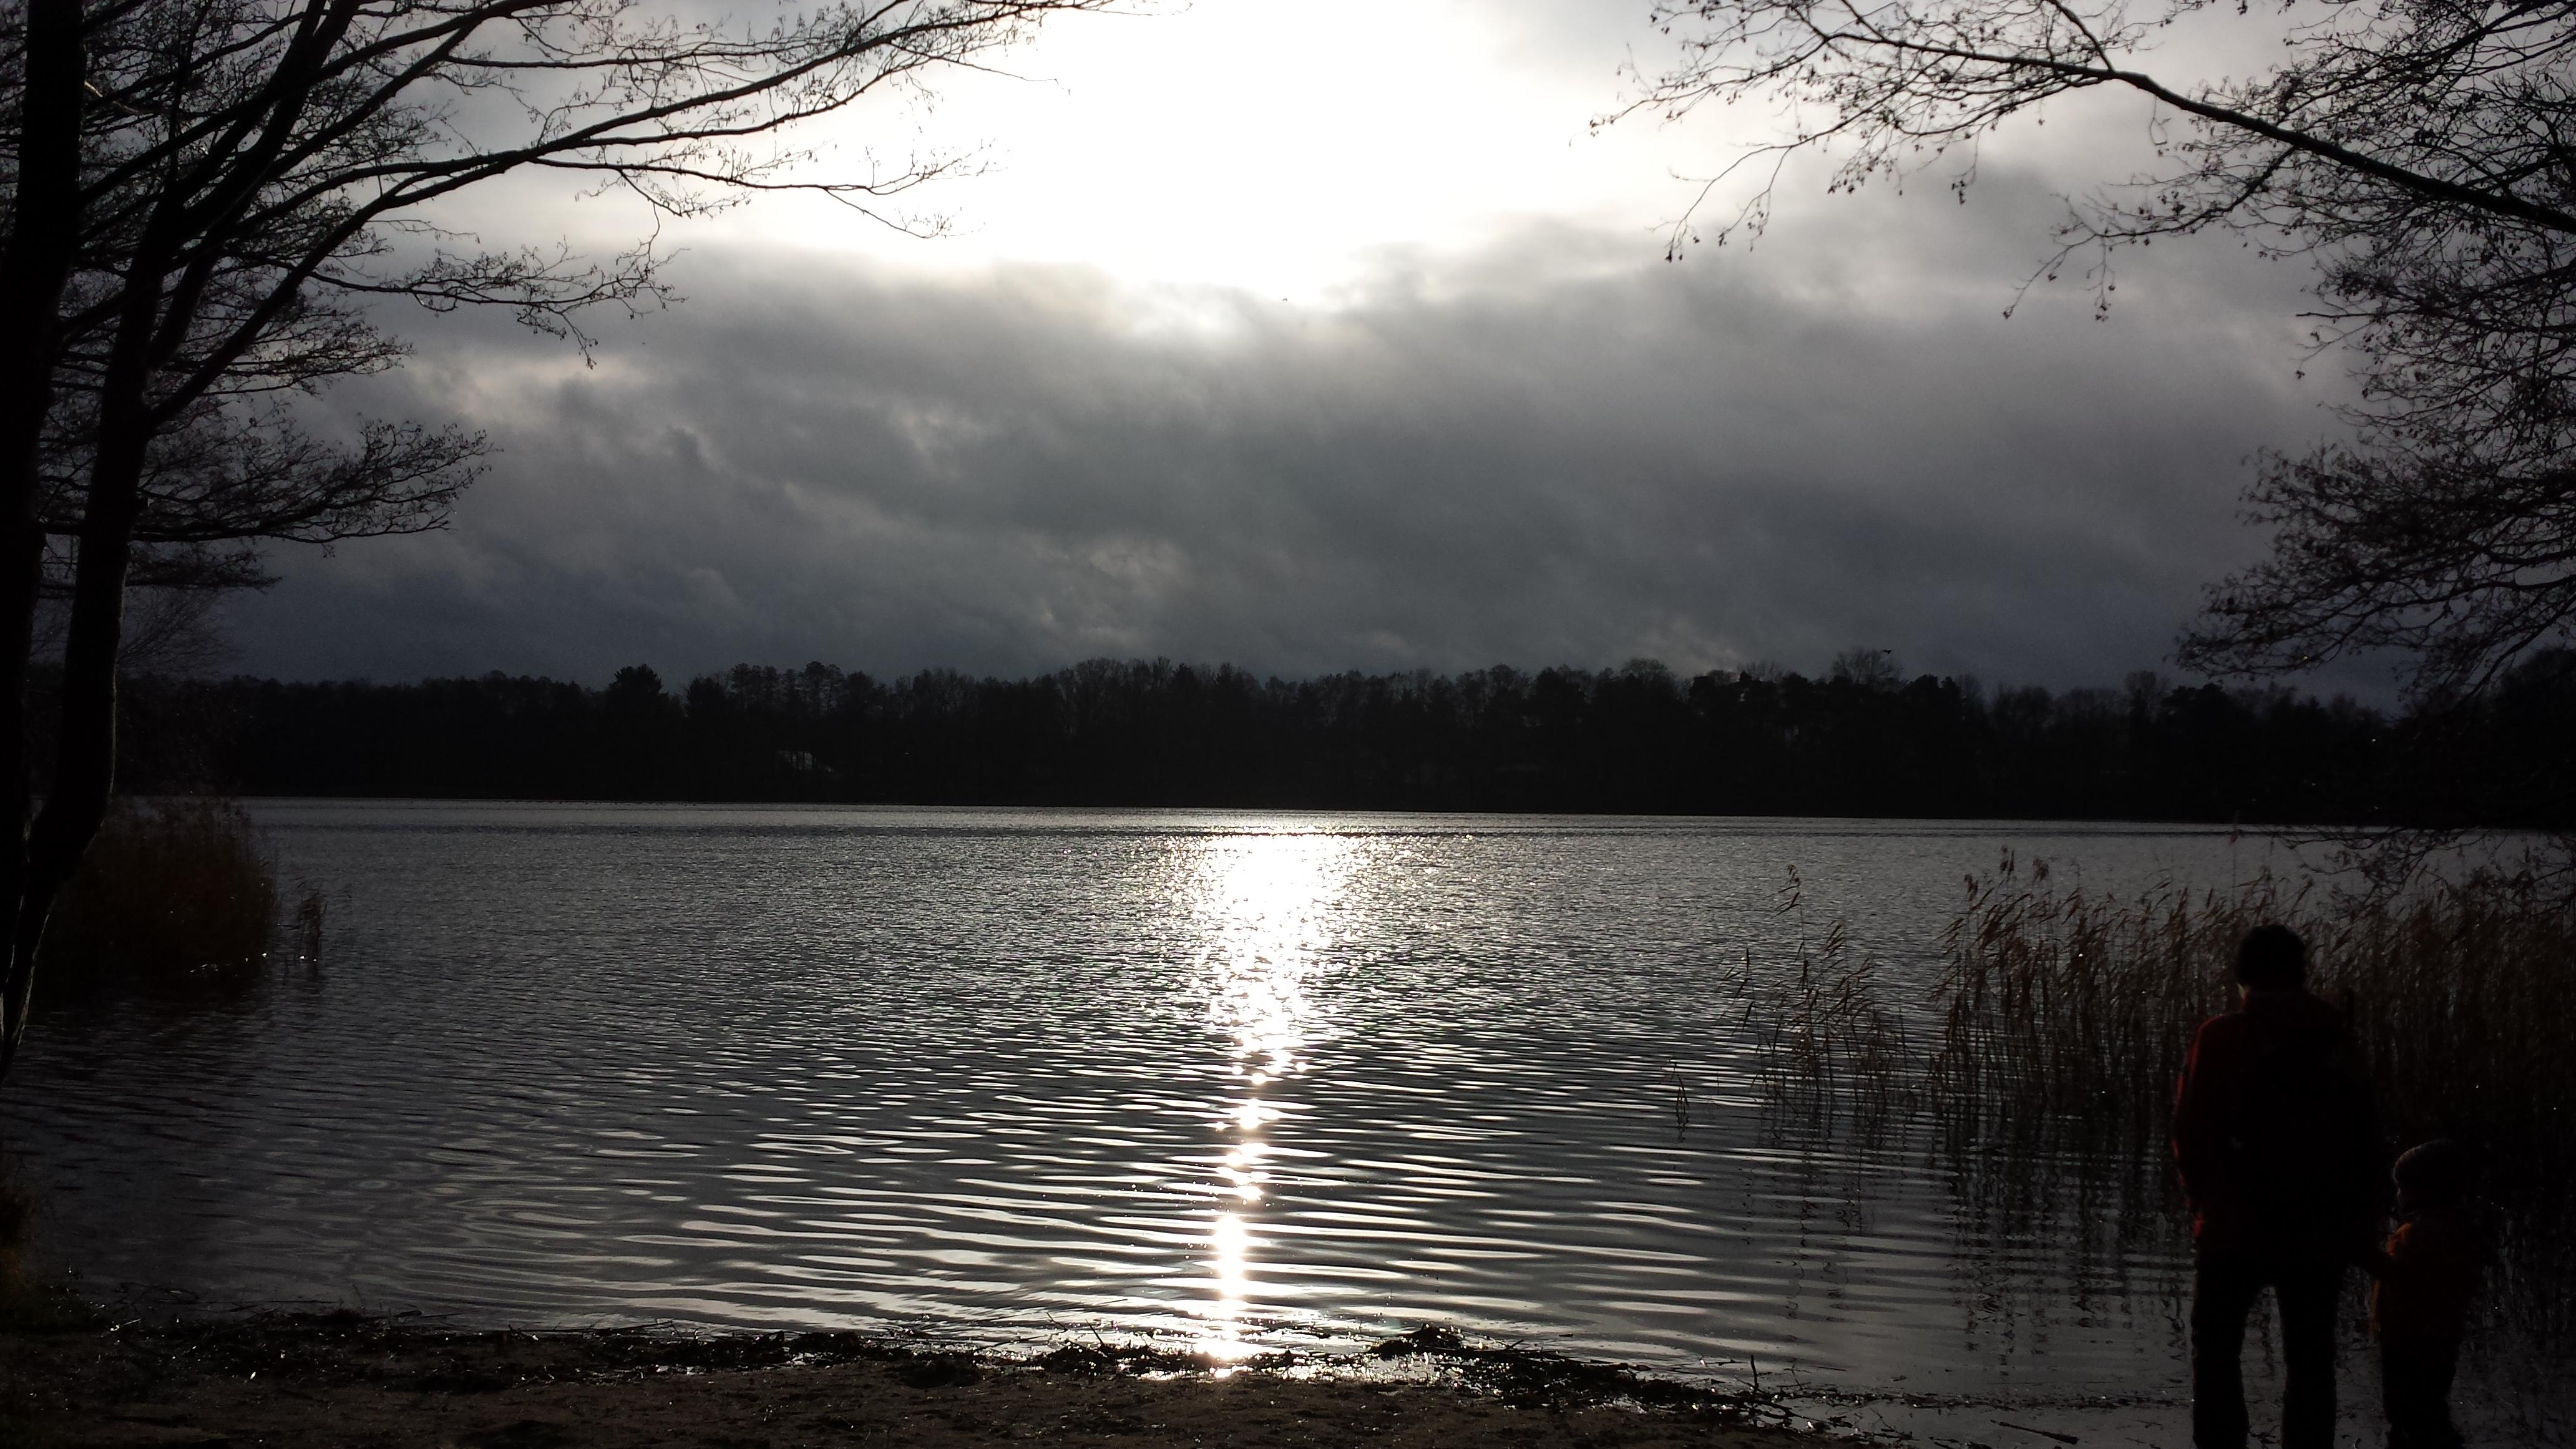 Summter See im Dezember